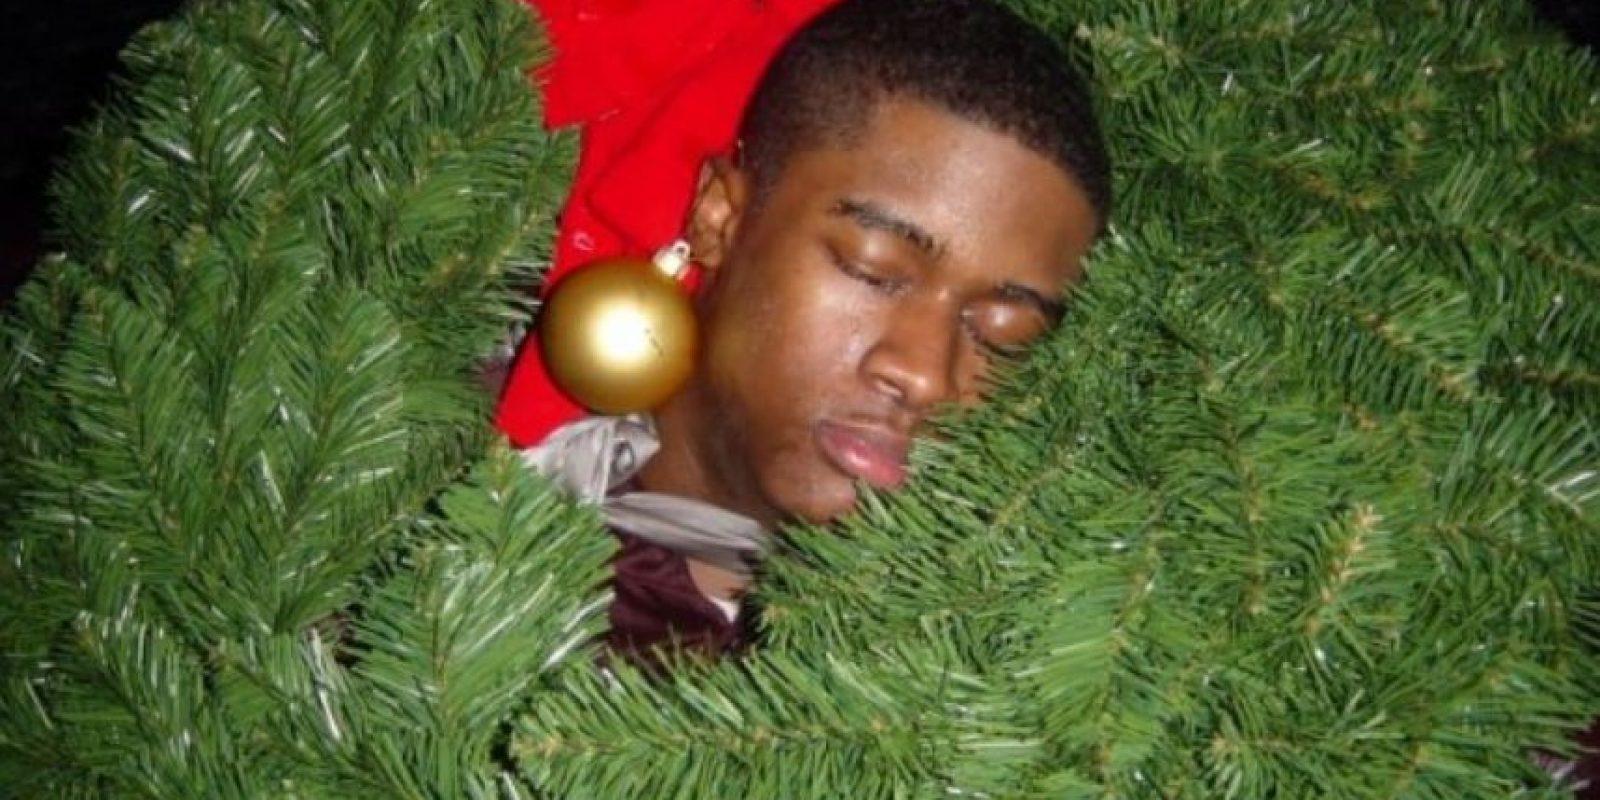 Él celebró en demasía la Navidad Foto:Imgur